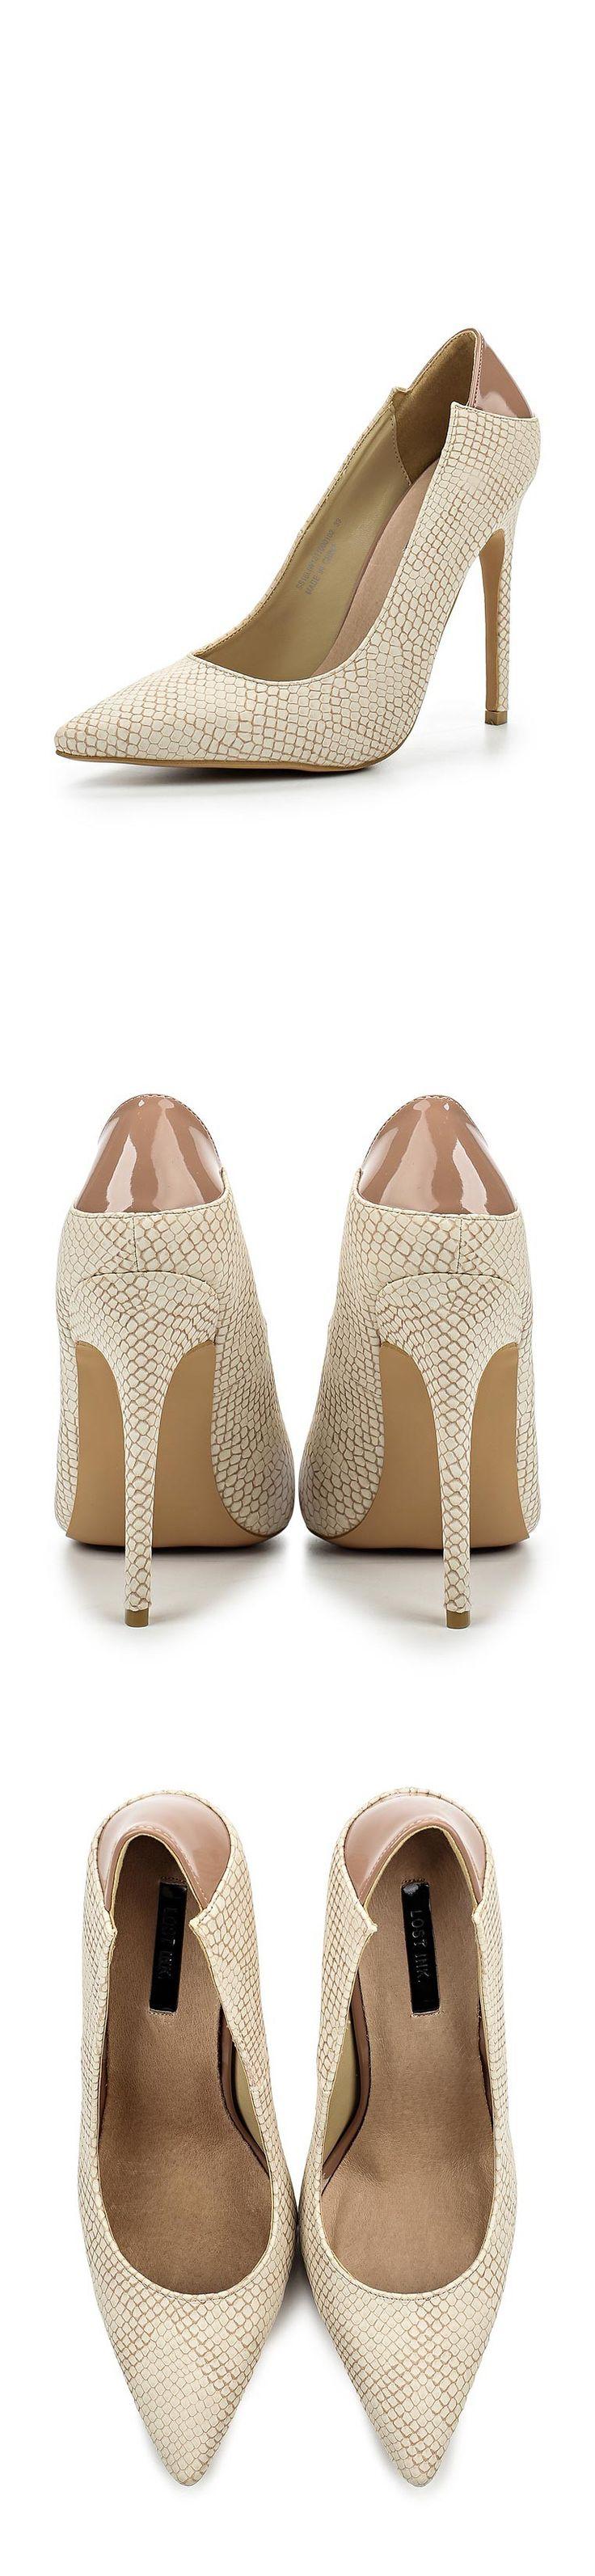 Женская обувь туфли LOST INK за 1950.00 руб.